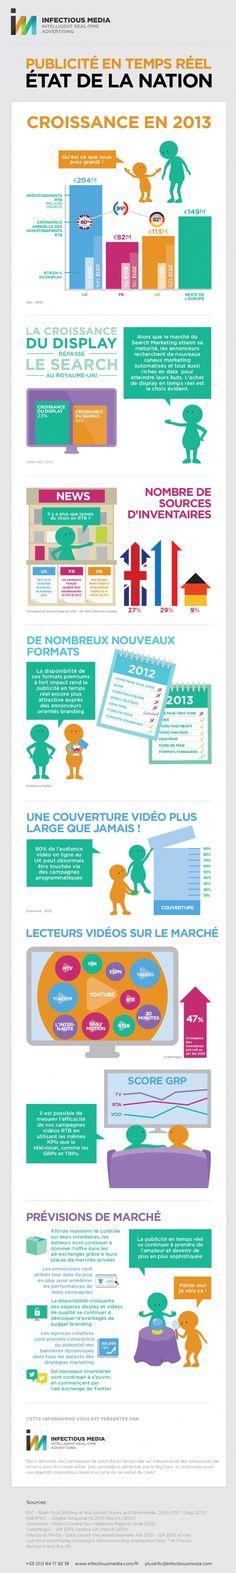 Infographie | Le RTB affiche une croissance de 99% en France